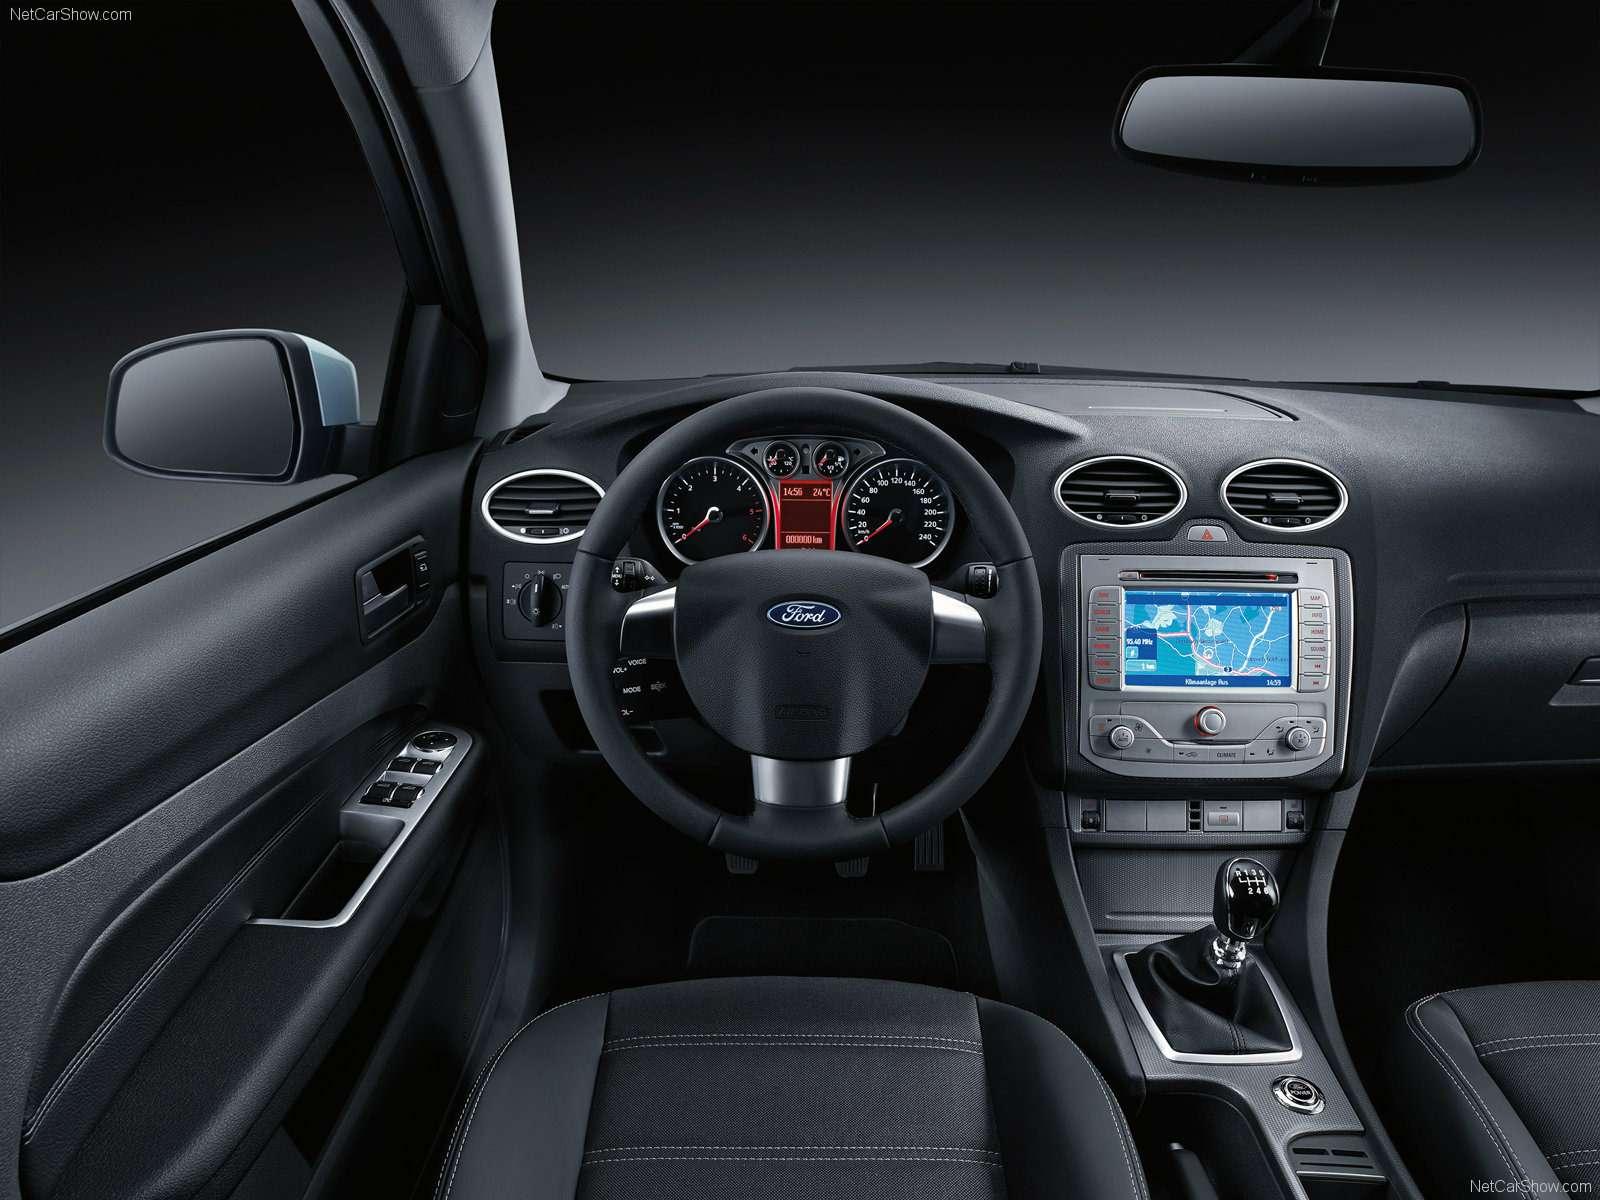 Ford-Focus_European_Version_2008_1600x1200_wallpaper_19